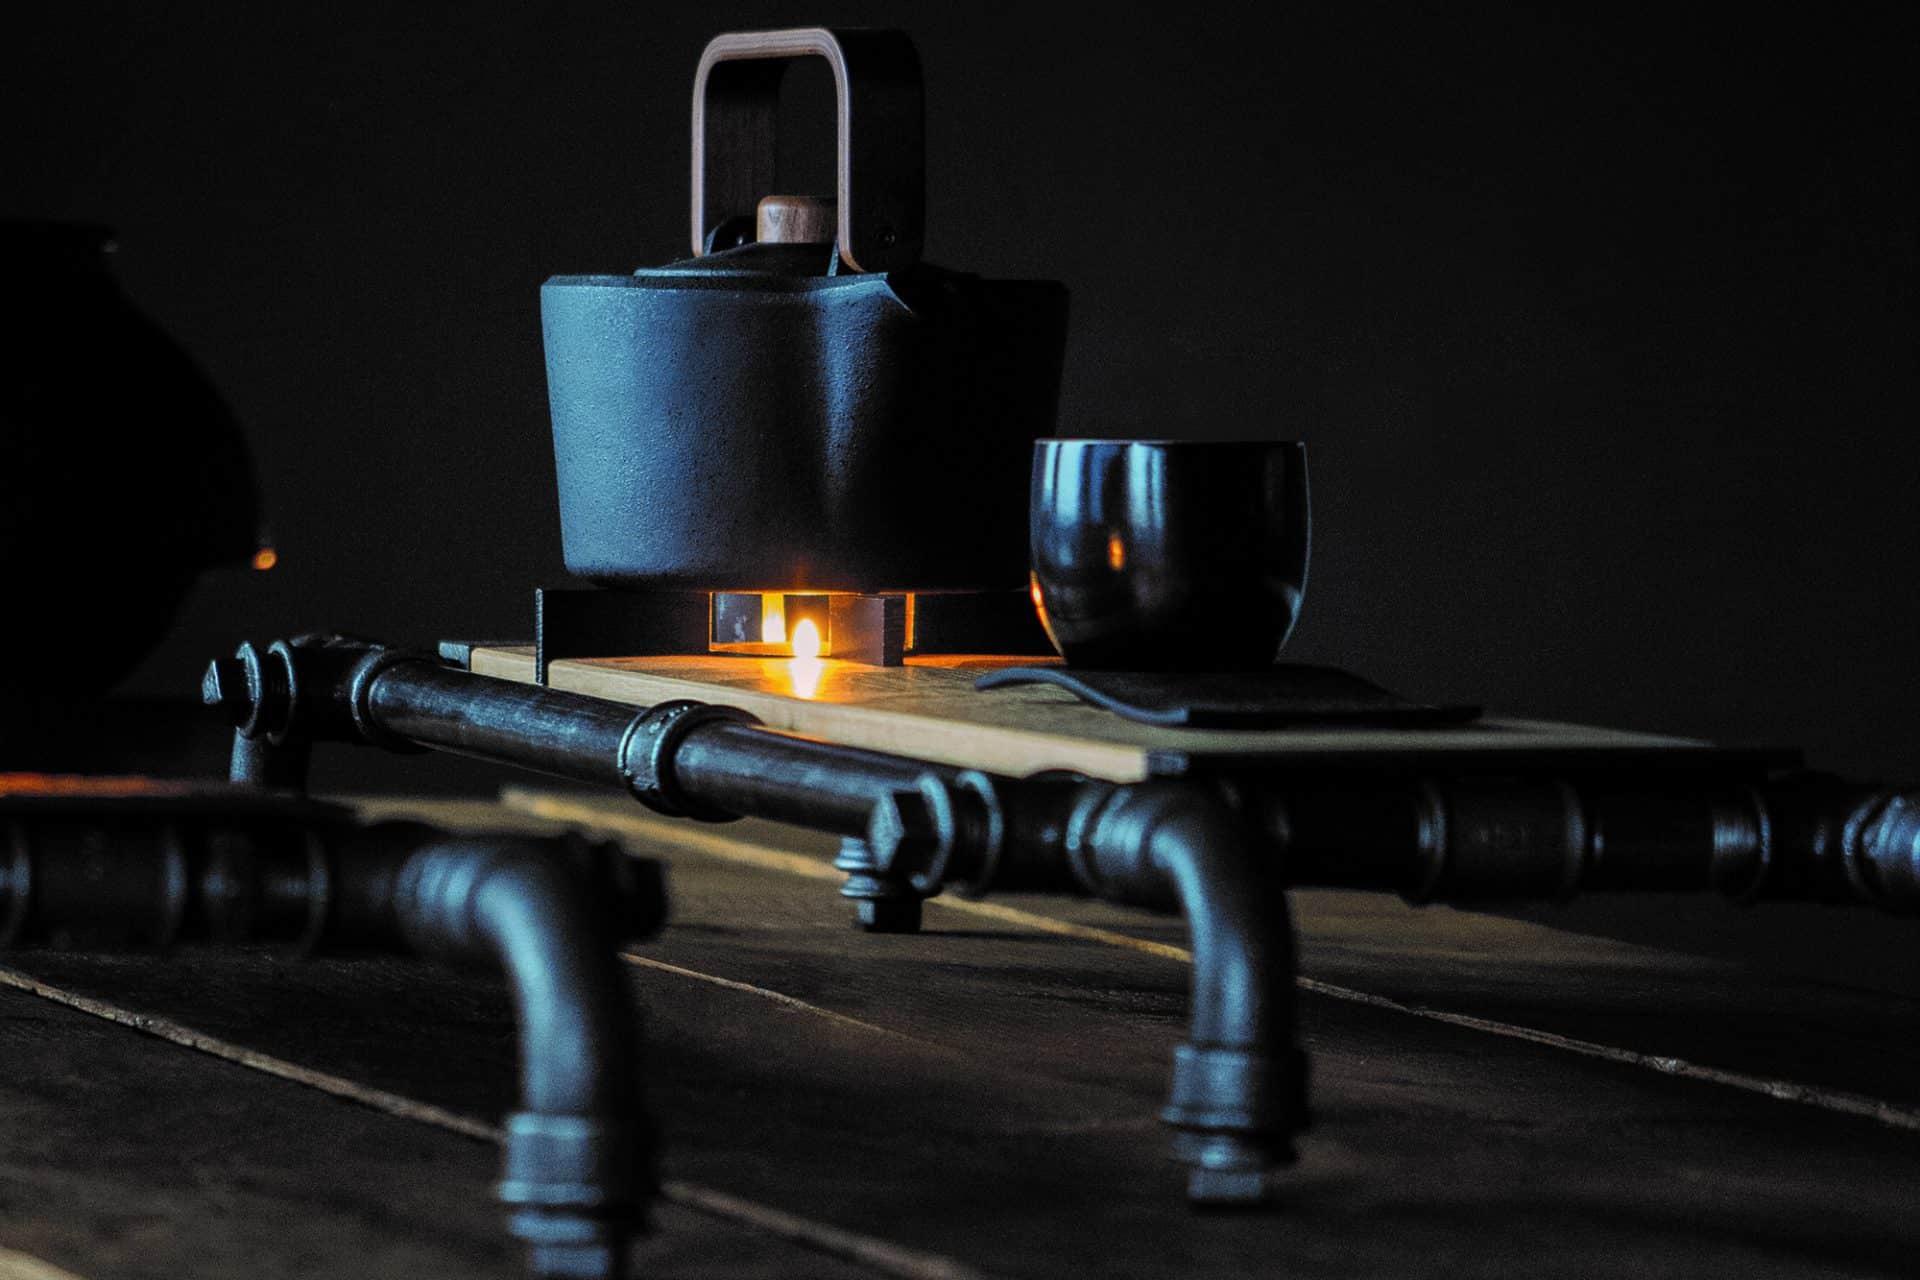 Cha-Board mit Stövchen und Kanne Teebecher und Untersetzer von Cushin Kobo Masuda für die perfekte Tee-Zeremonie und Genuss hochwertigster und teurer Tee-Raritäten aus schwarzem Stahl und altem Eichenholz im Wabi-Sabi Stil designed von Lange Architekten für alveus